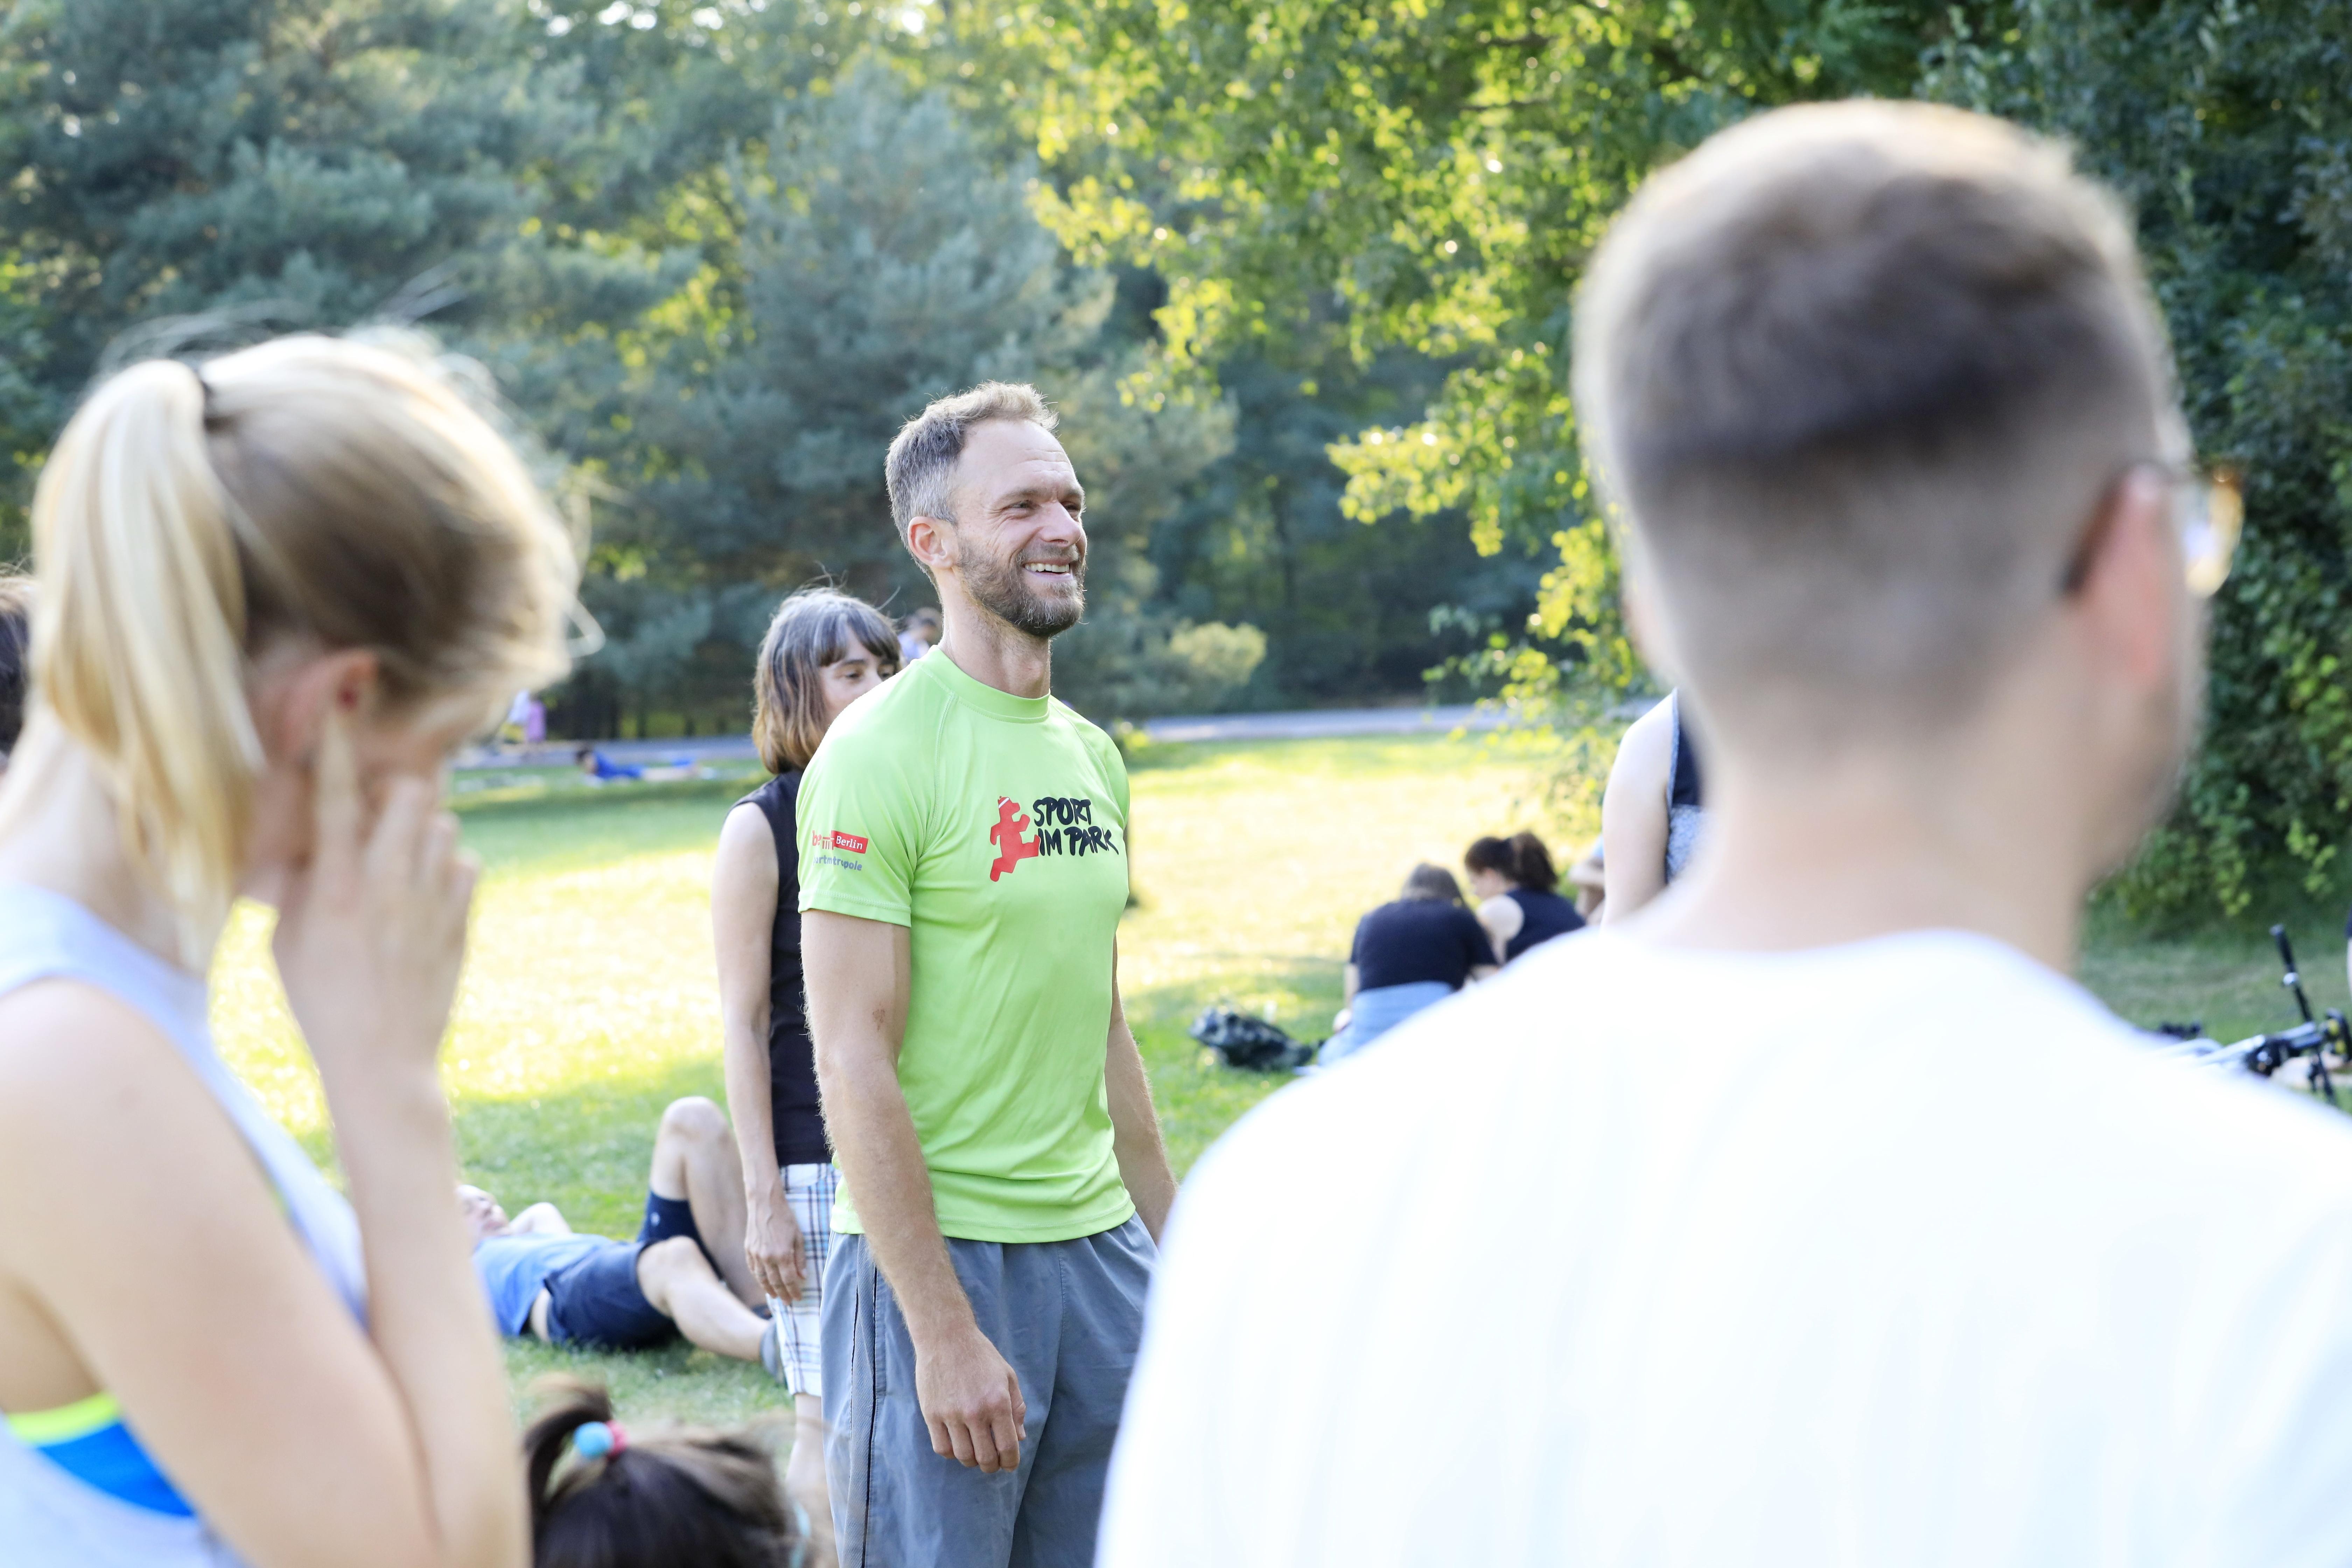 Stadtbewegung Menschen beim Sport im Park mit Trainer